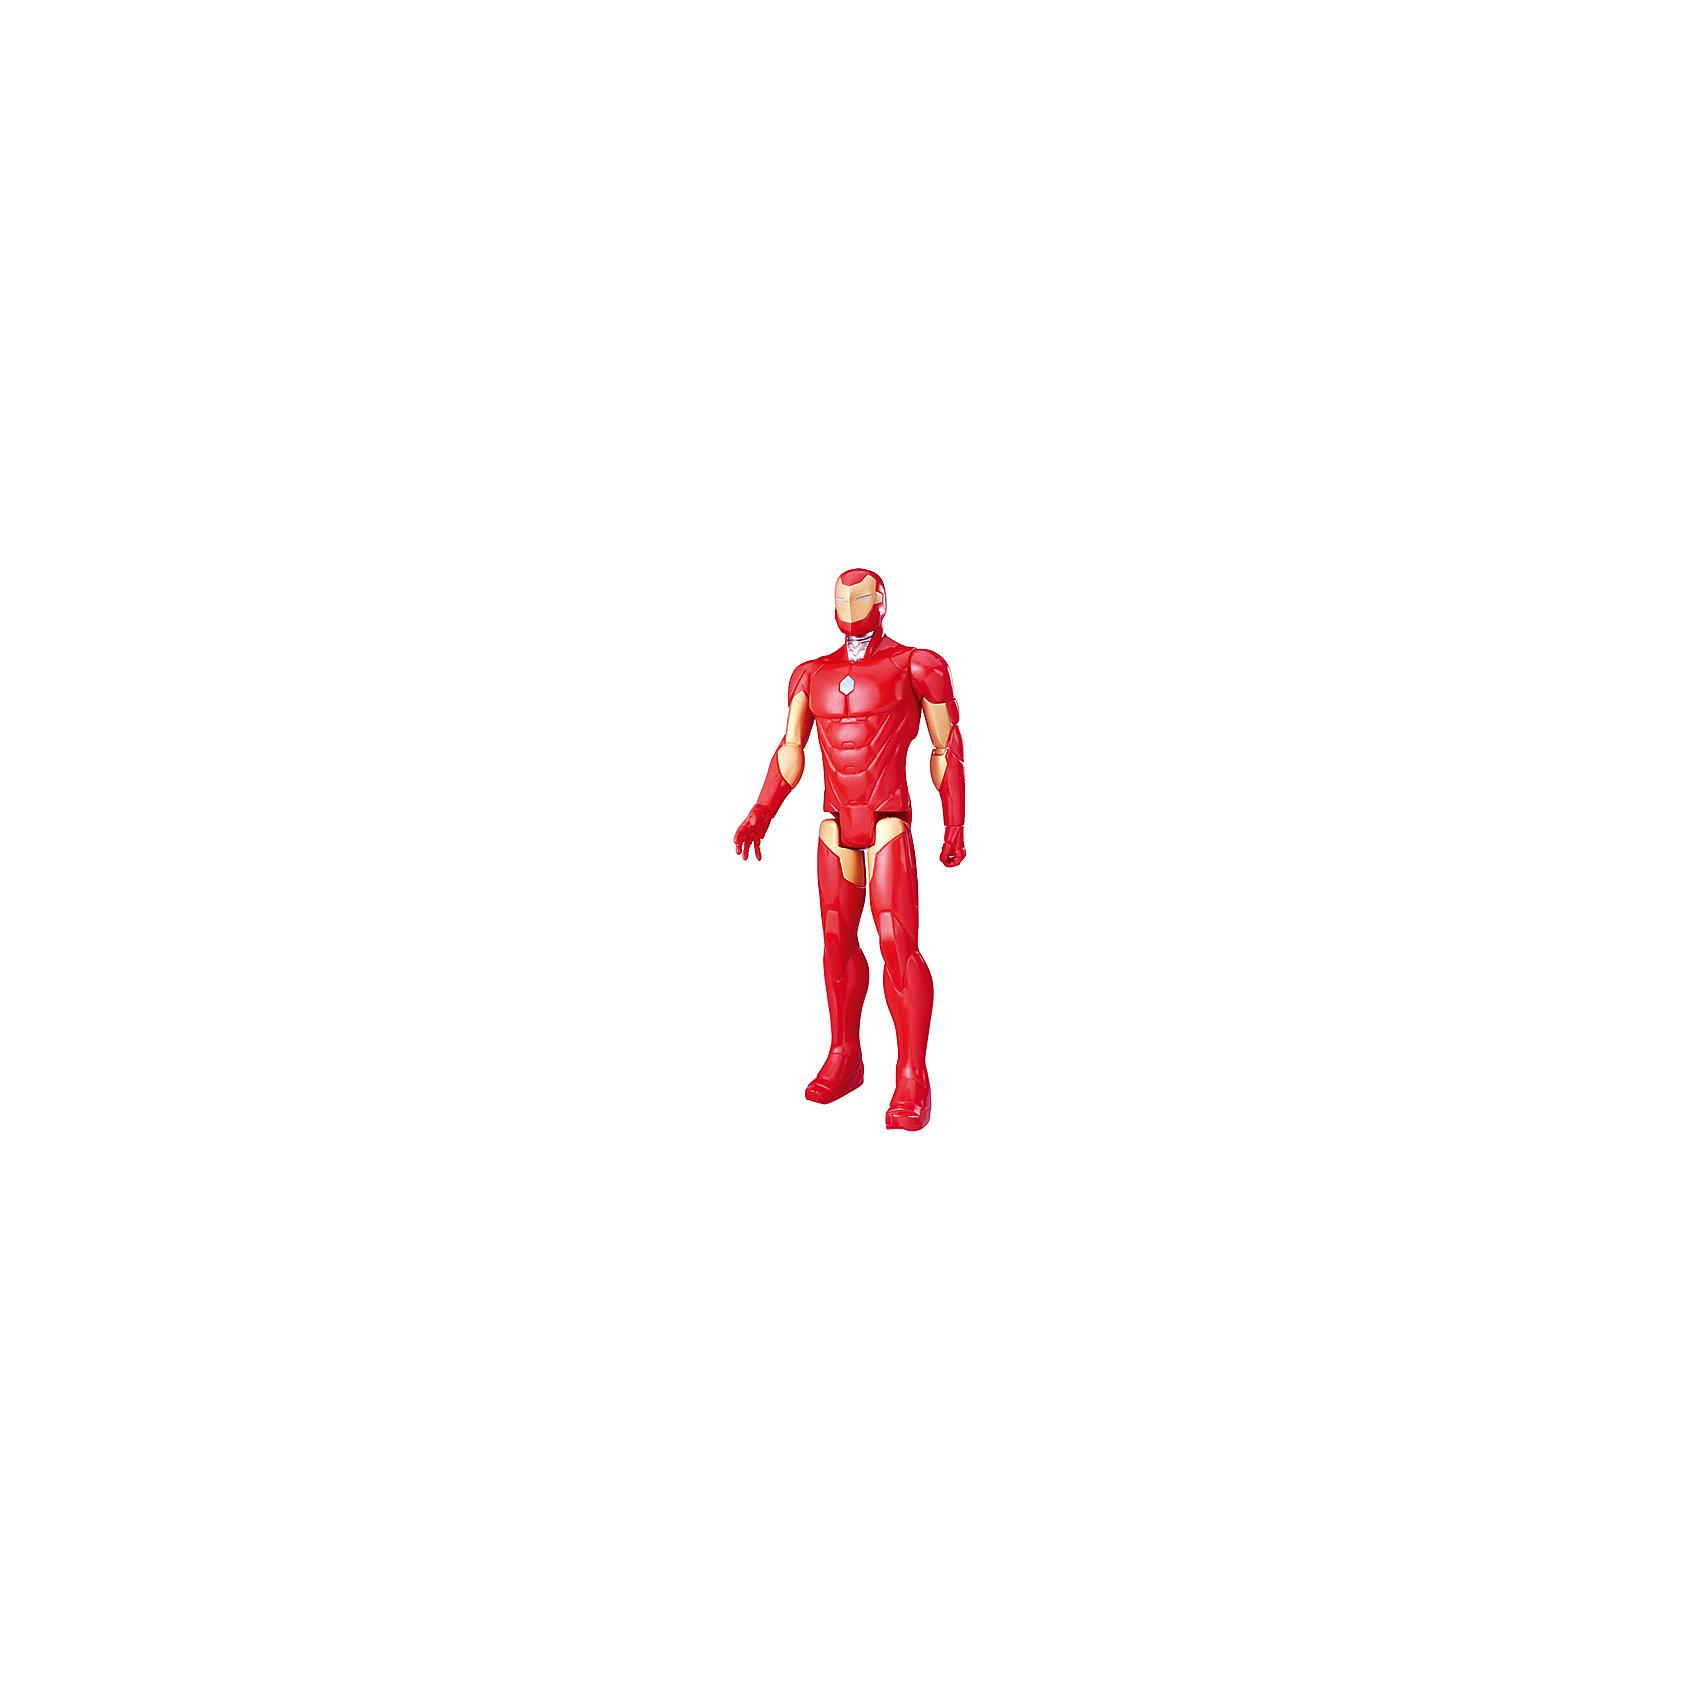 Фигурка Мстители Hasbro Титаны, Железный человекФигурки из мультфильмов<br>Характеристики:<br><br>• фигурка героя из цикла мультфильмов Мстители для мальчиков;<br>• руки и ноги подвижны;<br>• голова поворачивается;<br>• имеются точки артикуляции;<br>• герой может принимать различные позы;<br>• игрушка изготовлена из прочтного пластика;<br>• в комплекте оружие;<br>• высота Титана: 30 см;<br>• размер упаковки: 30,5х10,5х5,5 см.<br><br>Фигурку Титаны, Мстители Hasbro хасбро можно купить в нашем интернет-магазине.<br><br>Ширина мм: 306<br>Глубина мм: 104<br>Высота мм: 55<br>Вес г: 258<br>Возраст от месяцев: 48<br>Возраст до месяцев: 96<br>Пол: Мужской<br>Возраст: Детский<br>SKU: 7129382